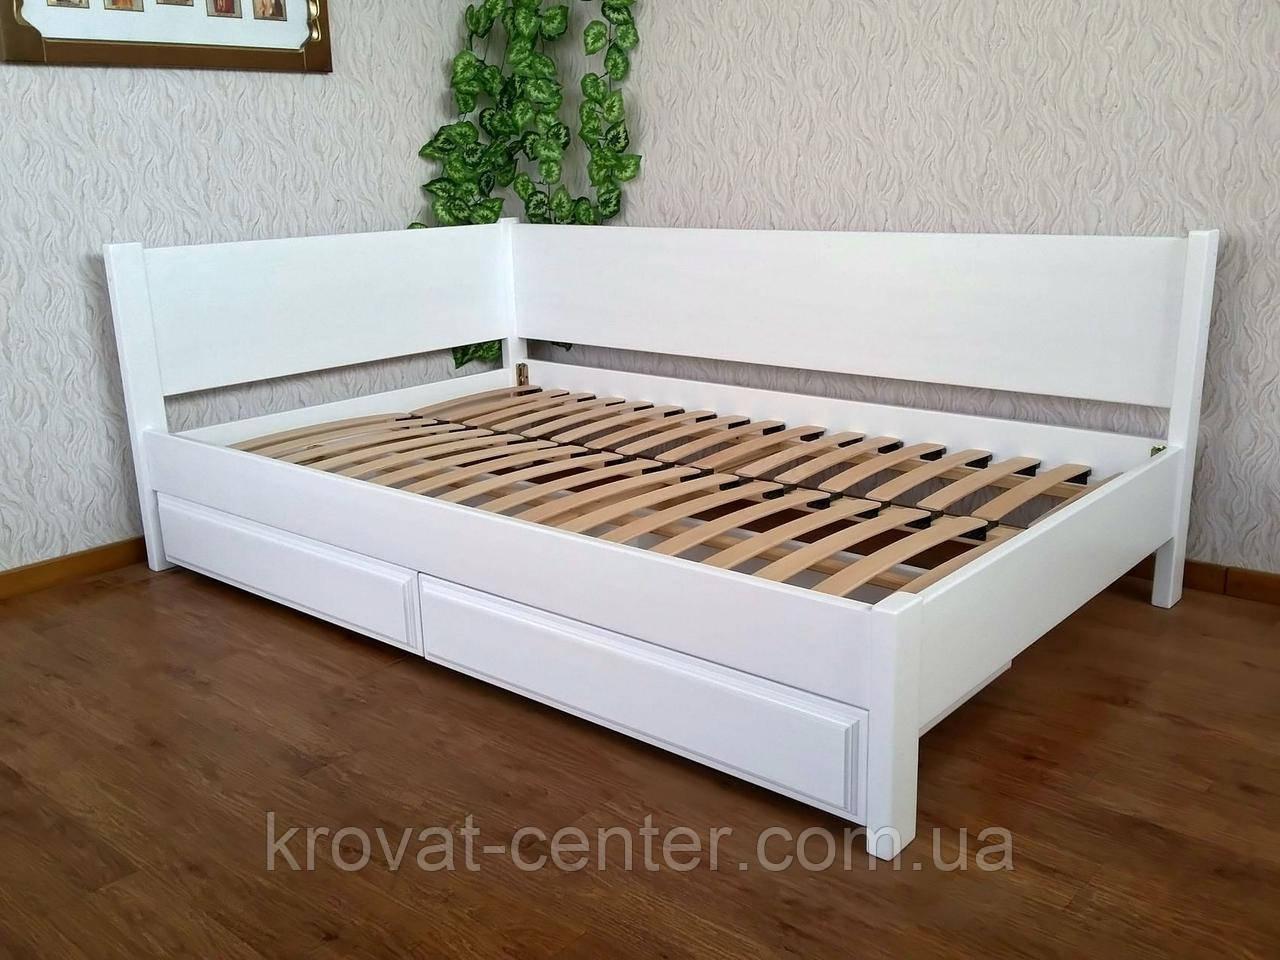 """Белая двуспальная кровать из дерева с выдвижными ящиками """"Шанталь"""""""